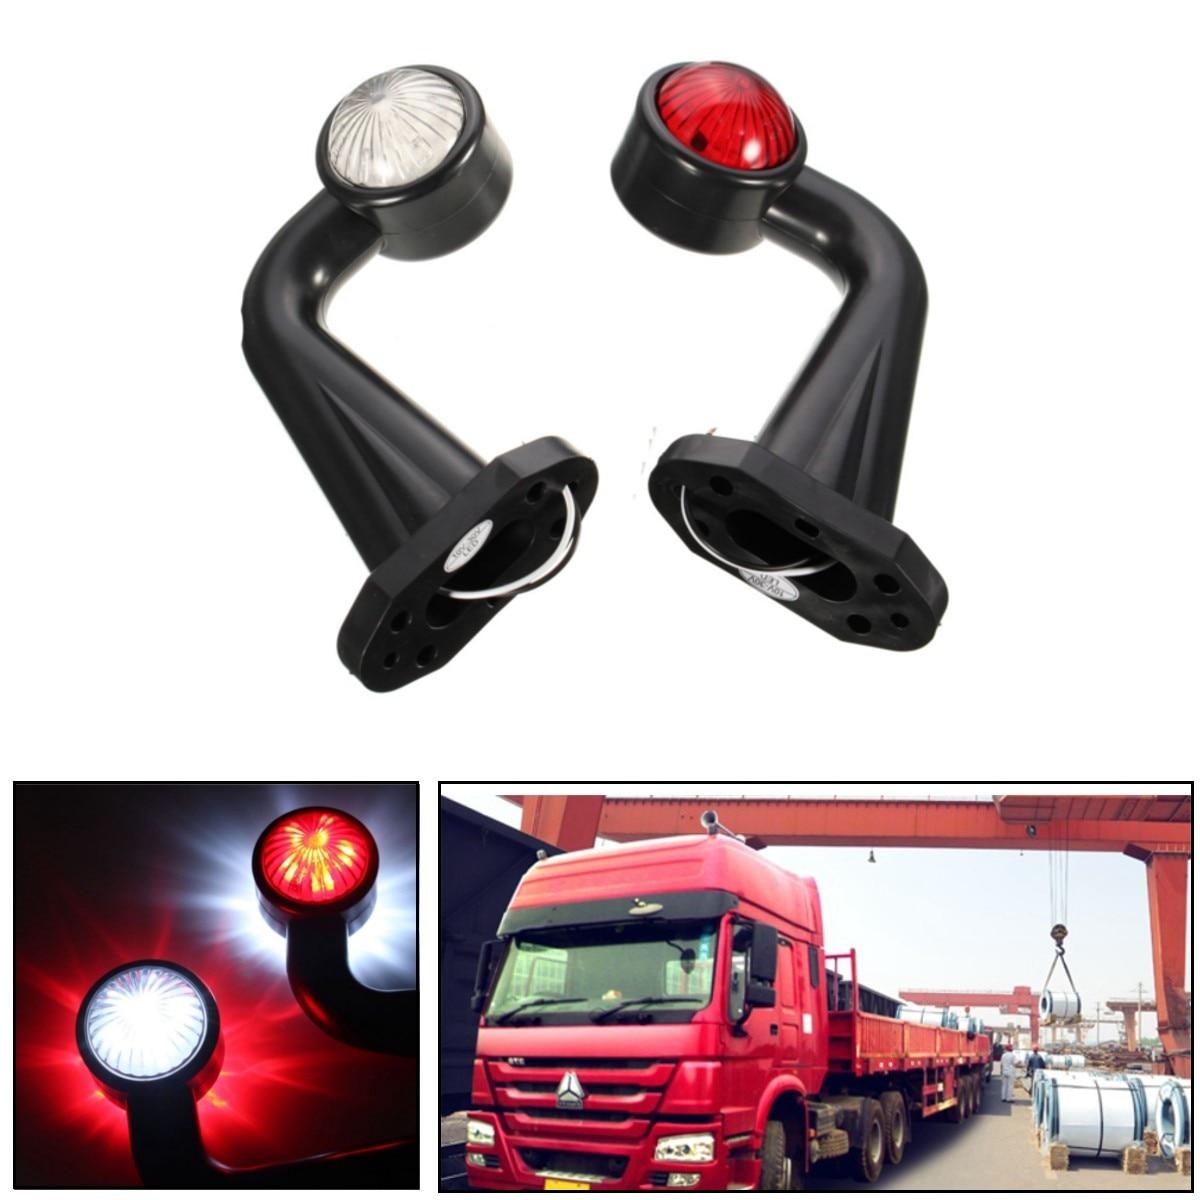 2шт 12 светодиодов 12В 24В локтевого габаритный свет лампы Индикатор Е для прицепа грузовика